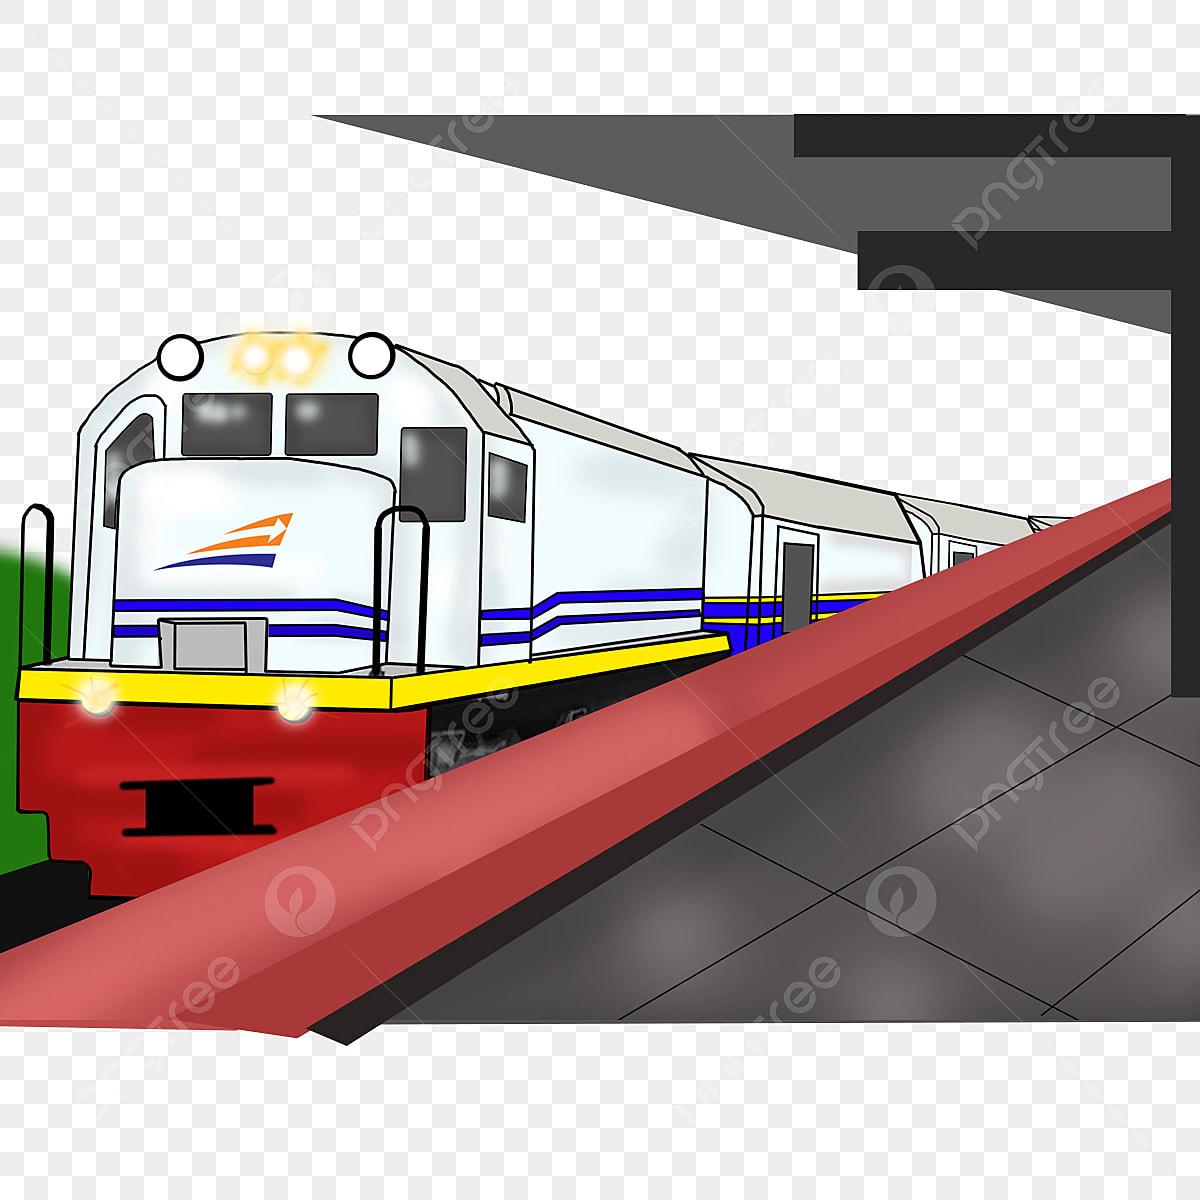 Gambar Kereta Api Kartun Berwarna Gambar Kereta Api Kartun Ikon Kereta Api Ikon Kartun Kereta Api Png Dan Psd Untuk Muat Turun Percuma